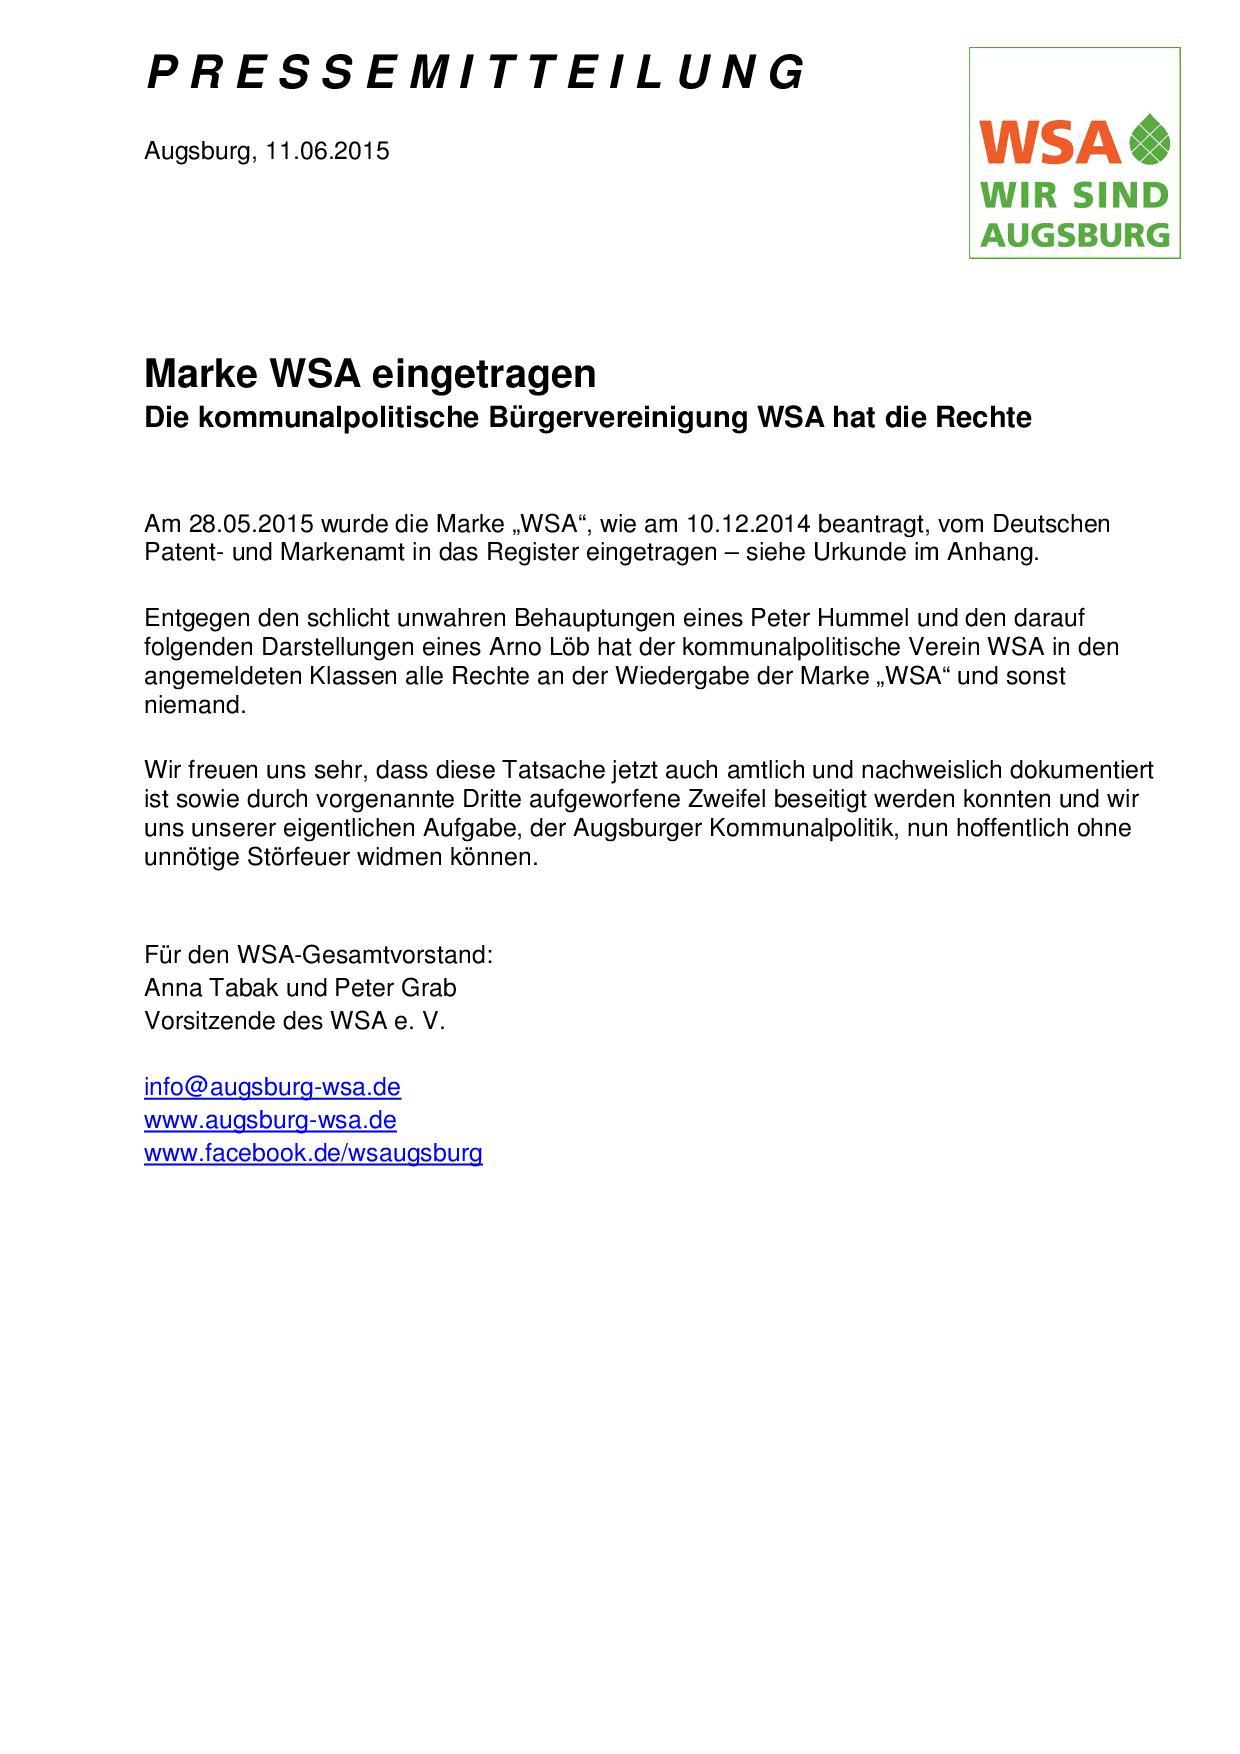 WSA-Pressemitteilung vom 11.06.2015 zur WSA-Marke-001